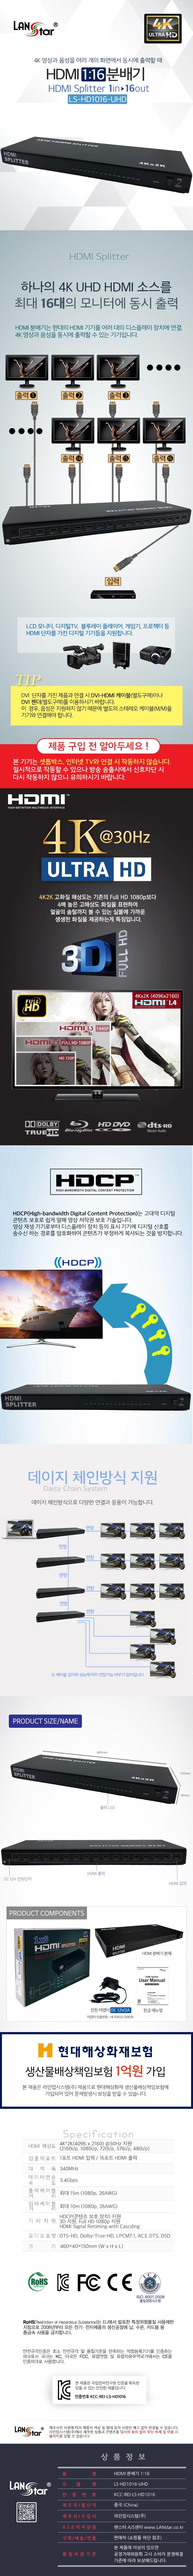 라인업시스템 LANSTAR 1:16 HDMI 분배기 (LS-HD1016-UHD)